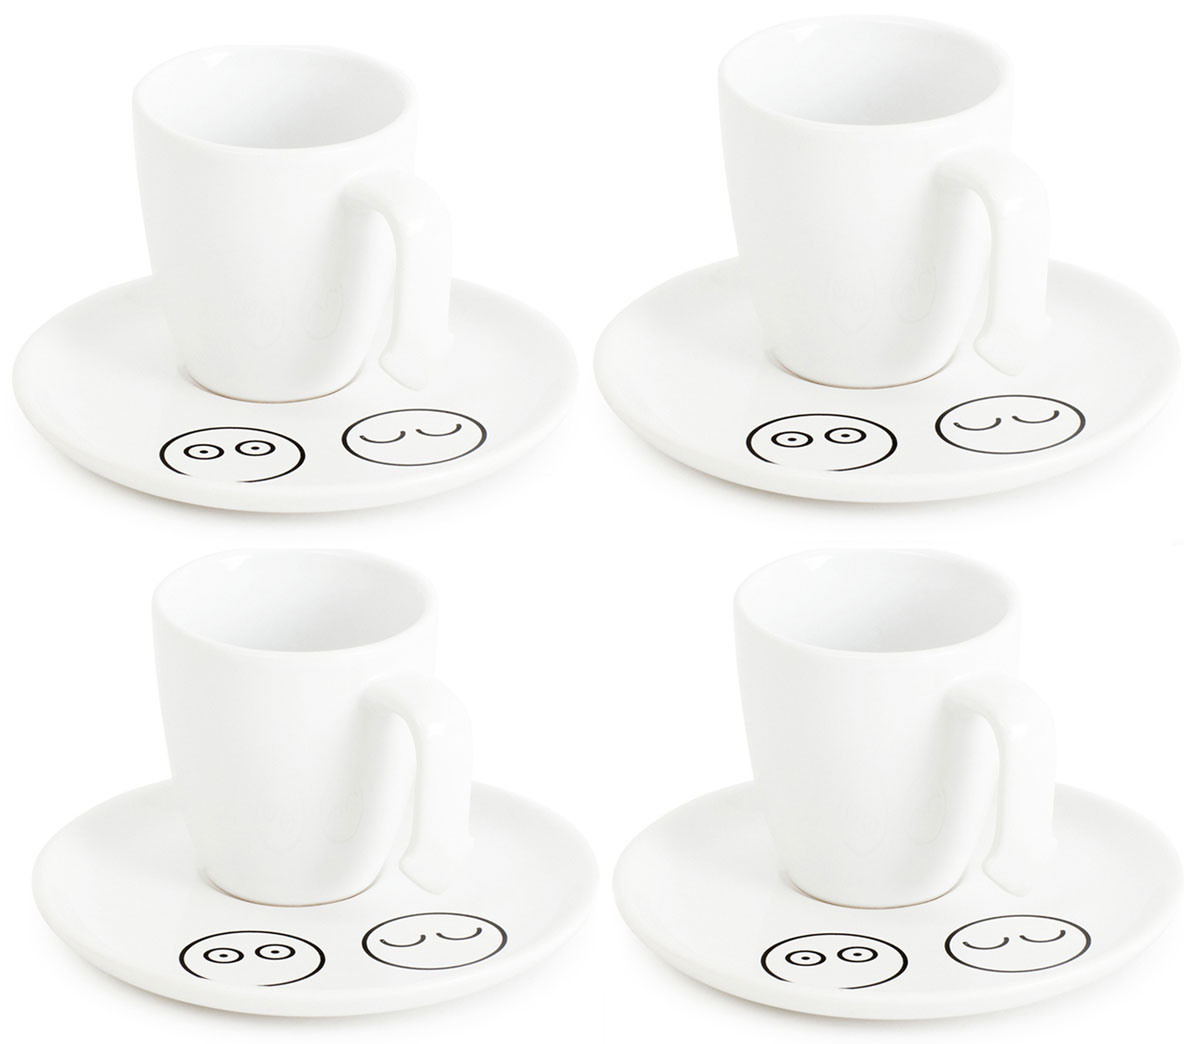 Набор кофейных чашек Balvi Caffe In, цвет: белый, 4 шт25584Светлый и позитивный набор повседневных чашек для кофе Caffe In всегда придется кстати, если захочется выпить чашечку крепкого и бодрящего кофе. Набор впишется в интерьер любой кухни и порадует глаз своим необычным дизайном. Белый классический цвет чашечек отлично гармонирует на фоне заварного черного кофе, делая любимый напиток в разы привлекательнее. В наборе идут четыре чашки, одинаковых по форме и объему. К каждой чашечке прилагается изысканное керамическое блюдечко, украшенное забавными мордашками.- Уникальный и стильный набор, состоящий из четырех керамических чашек и блюдечек.- Забавный рисунок в форме смешных мордочек на поверхности блюдечка.- Набор станет отличным подарком для кофеманов.